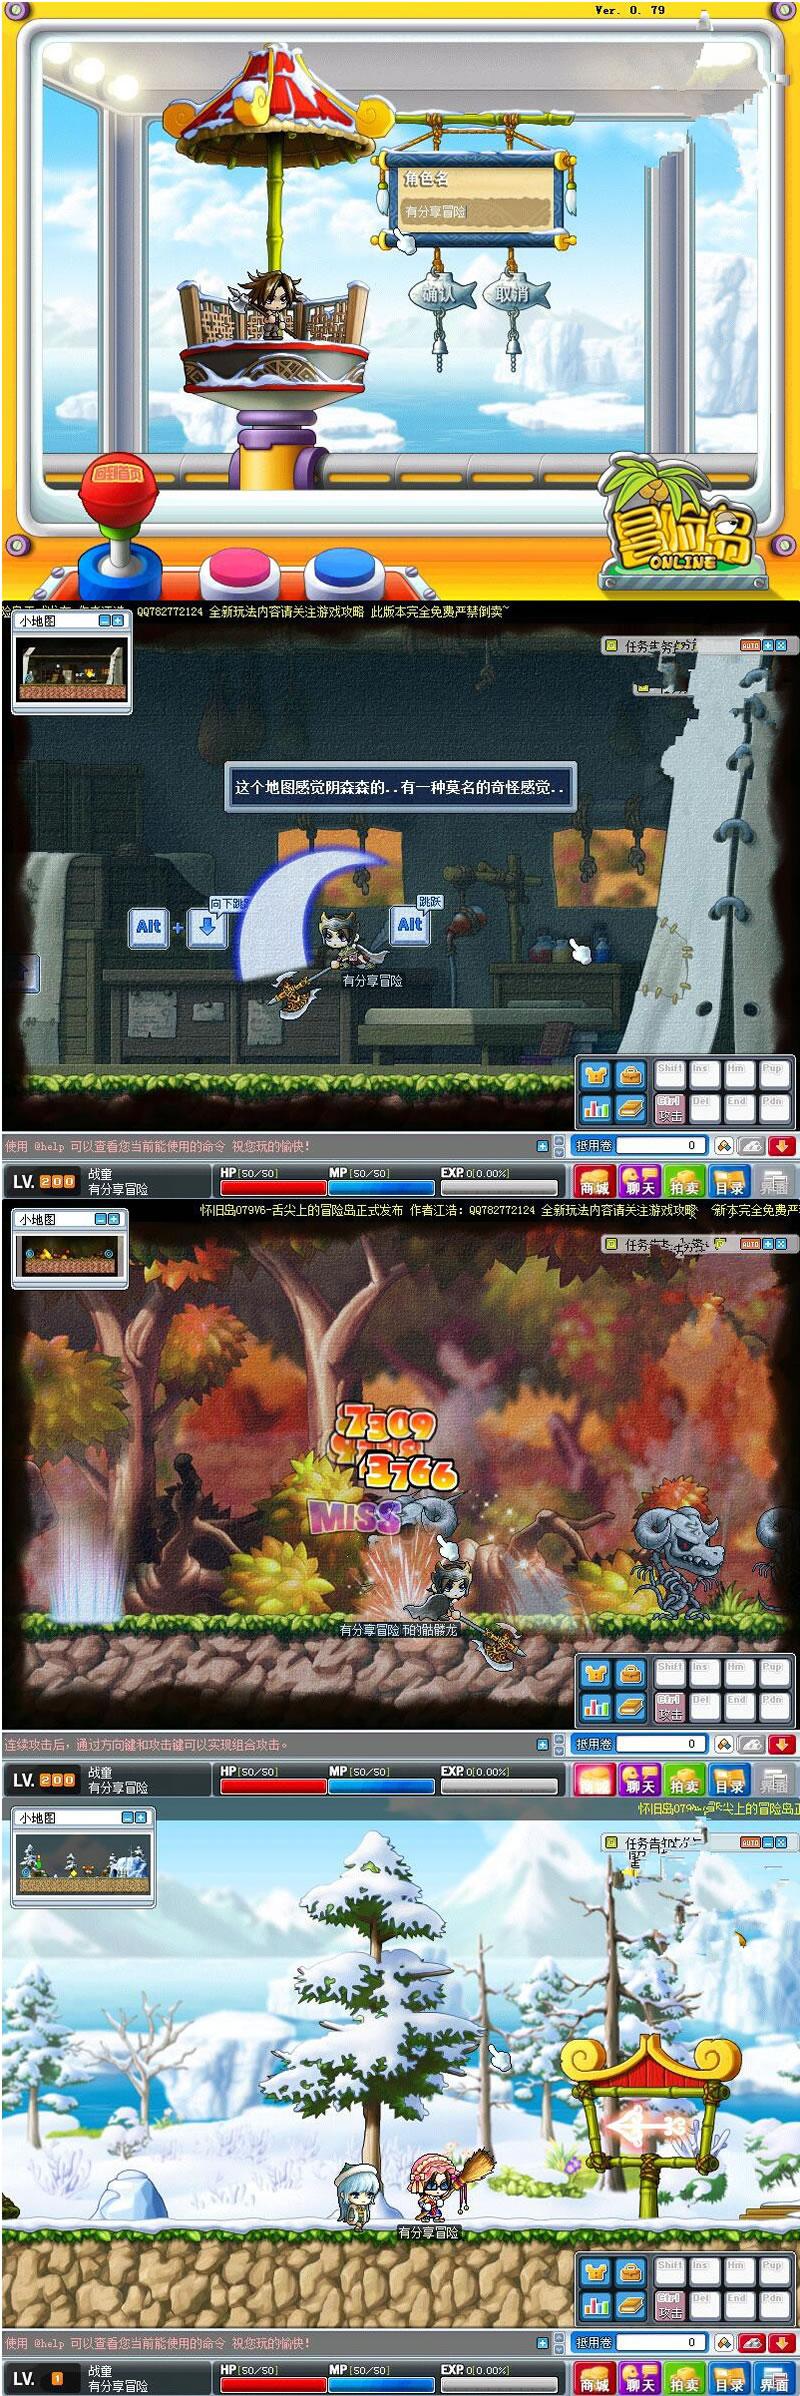 网游单机冒险岛V6整合万圣节特别版一键即玩游戏服务端 带客户端+安装教程-爱资源分享